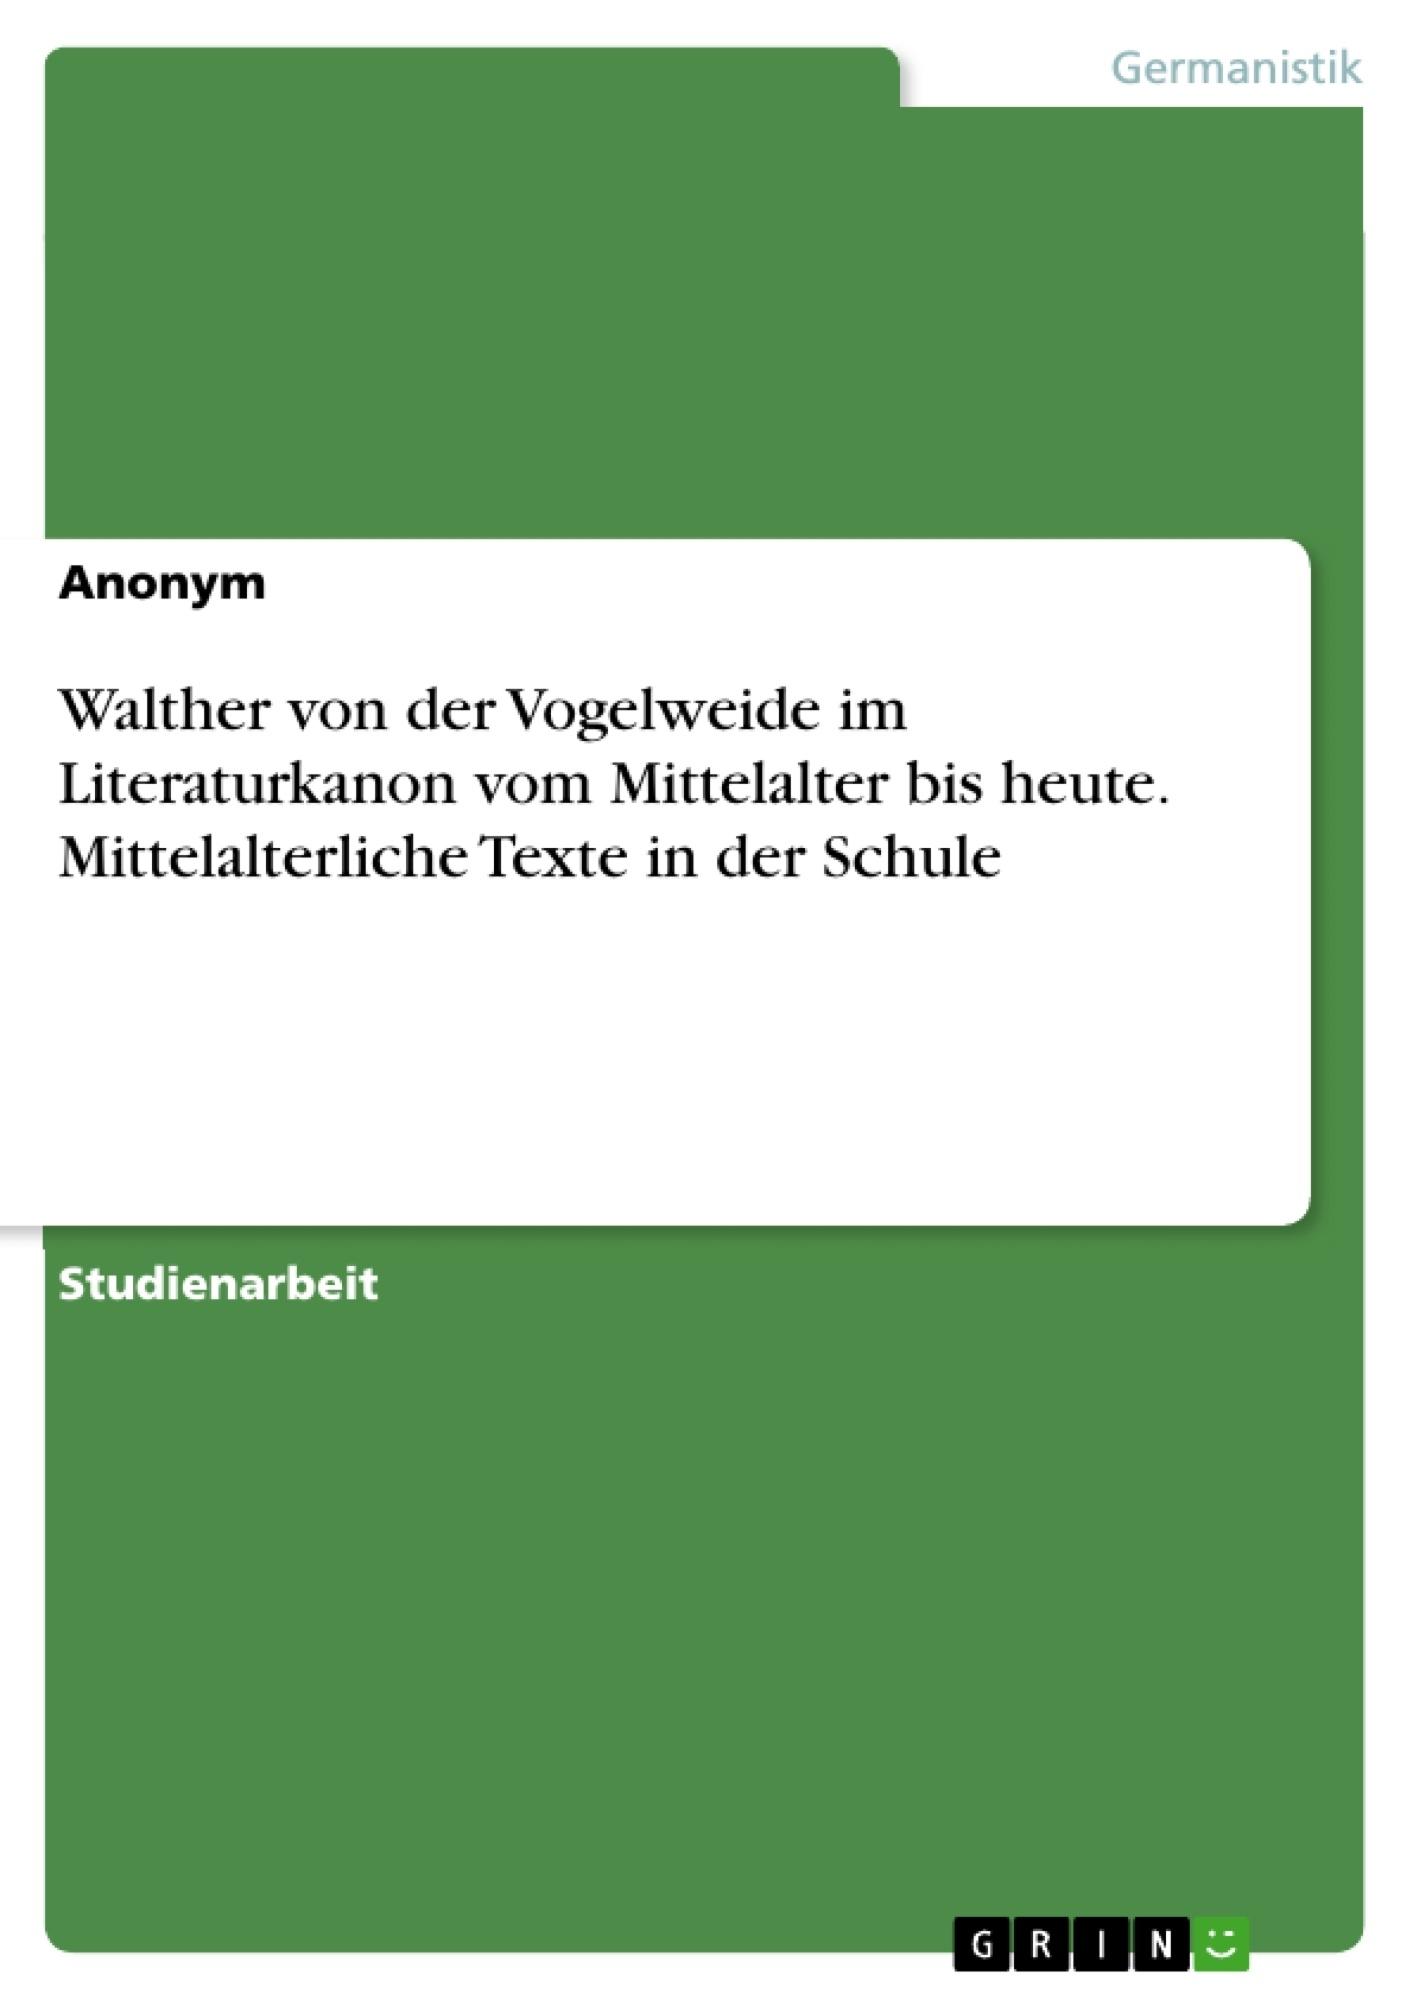 Titel: Walther von der Vogelweide im Literaturkanon vom Mittelalter bis heute. Mittelalterliche Texte in der Schule